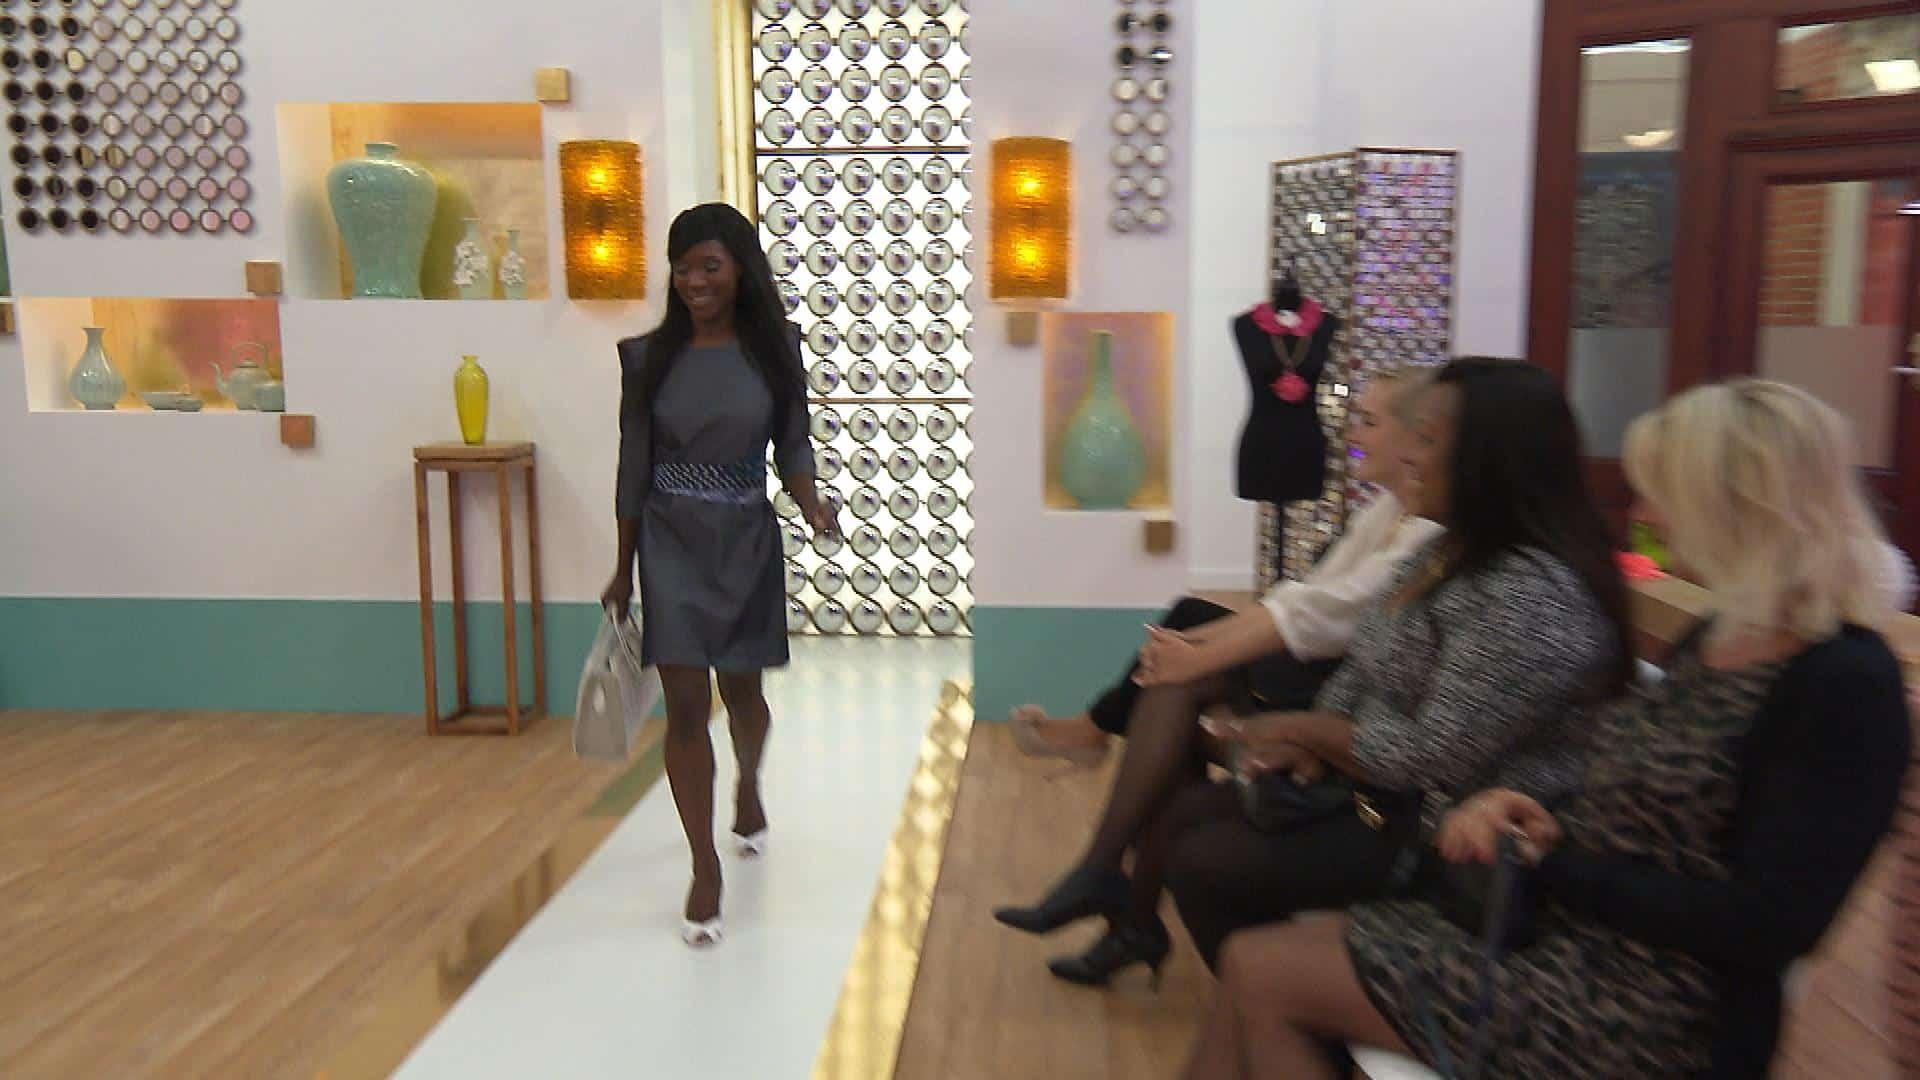 Les reines du shopping boutiques pour prendre toutes les bonnes adresses - Les reines du shopping forum ...